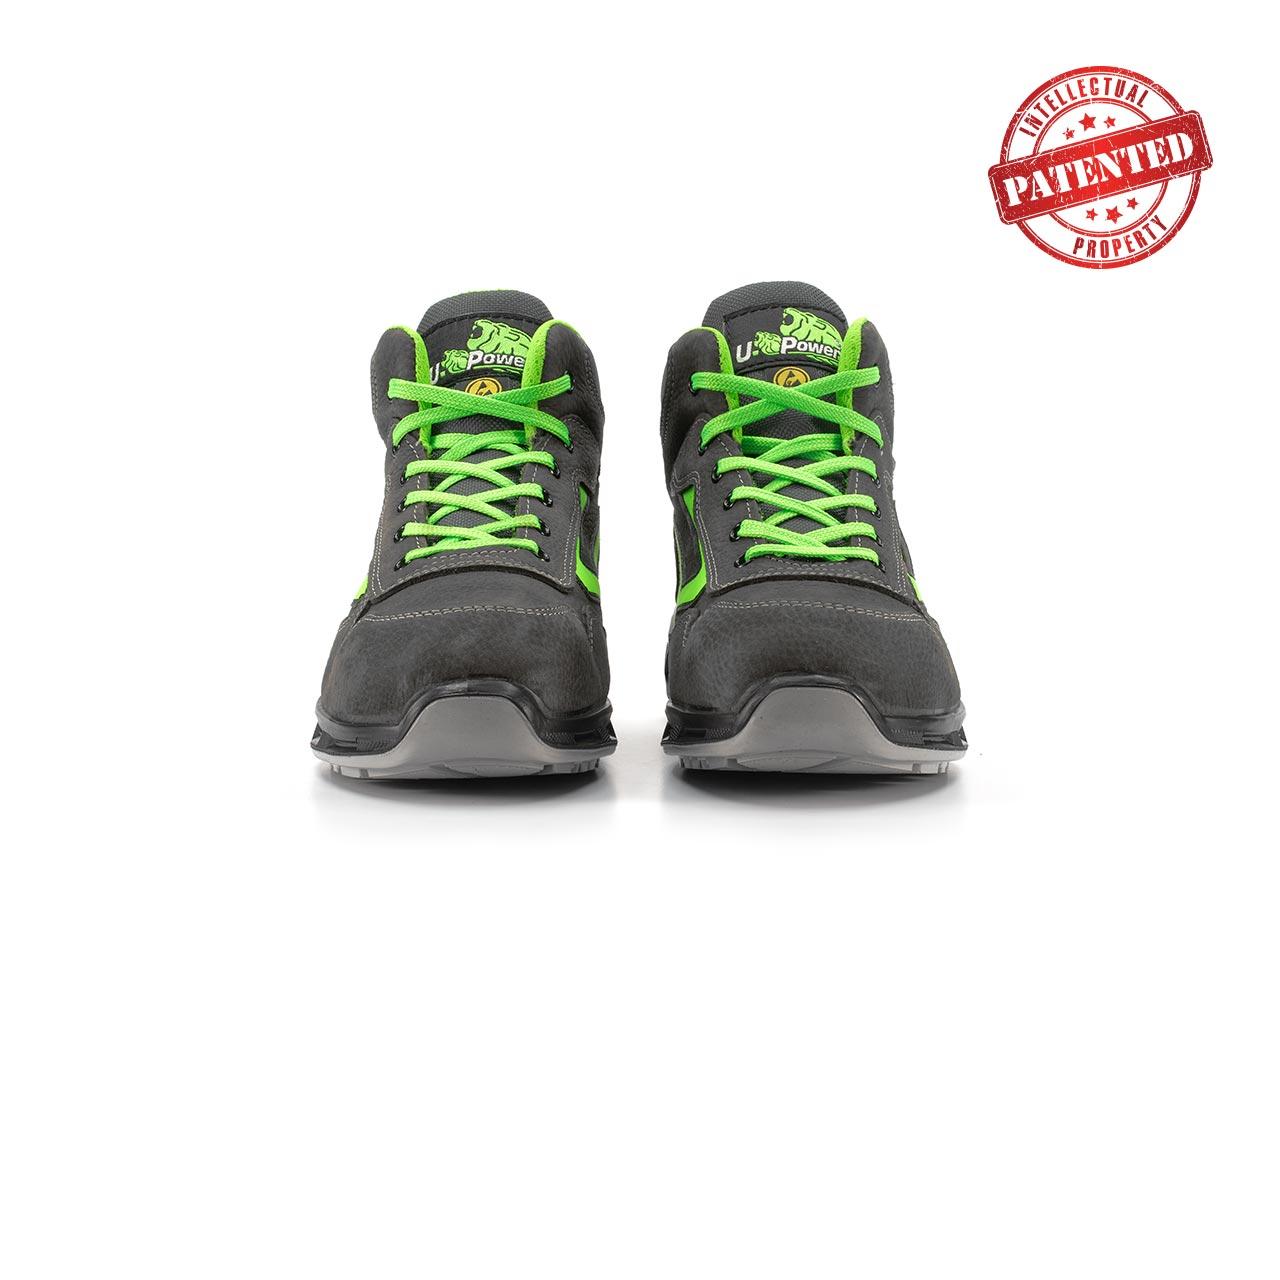 paio di scarpe antinfortunistiche alte upower modello hummer linea redlion vista frontale